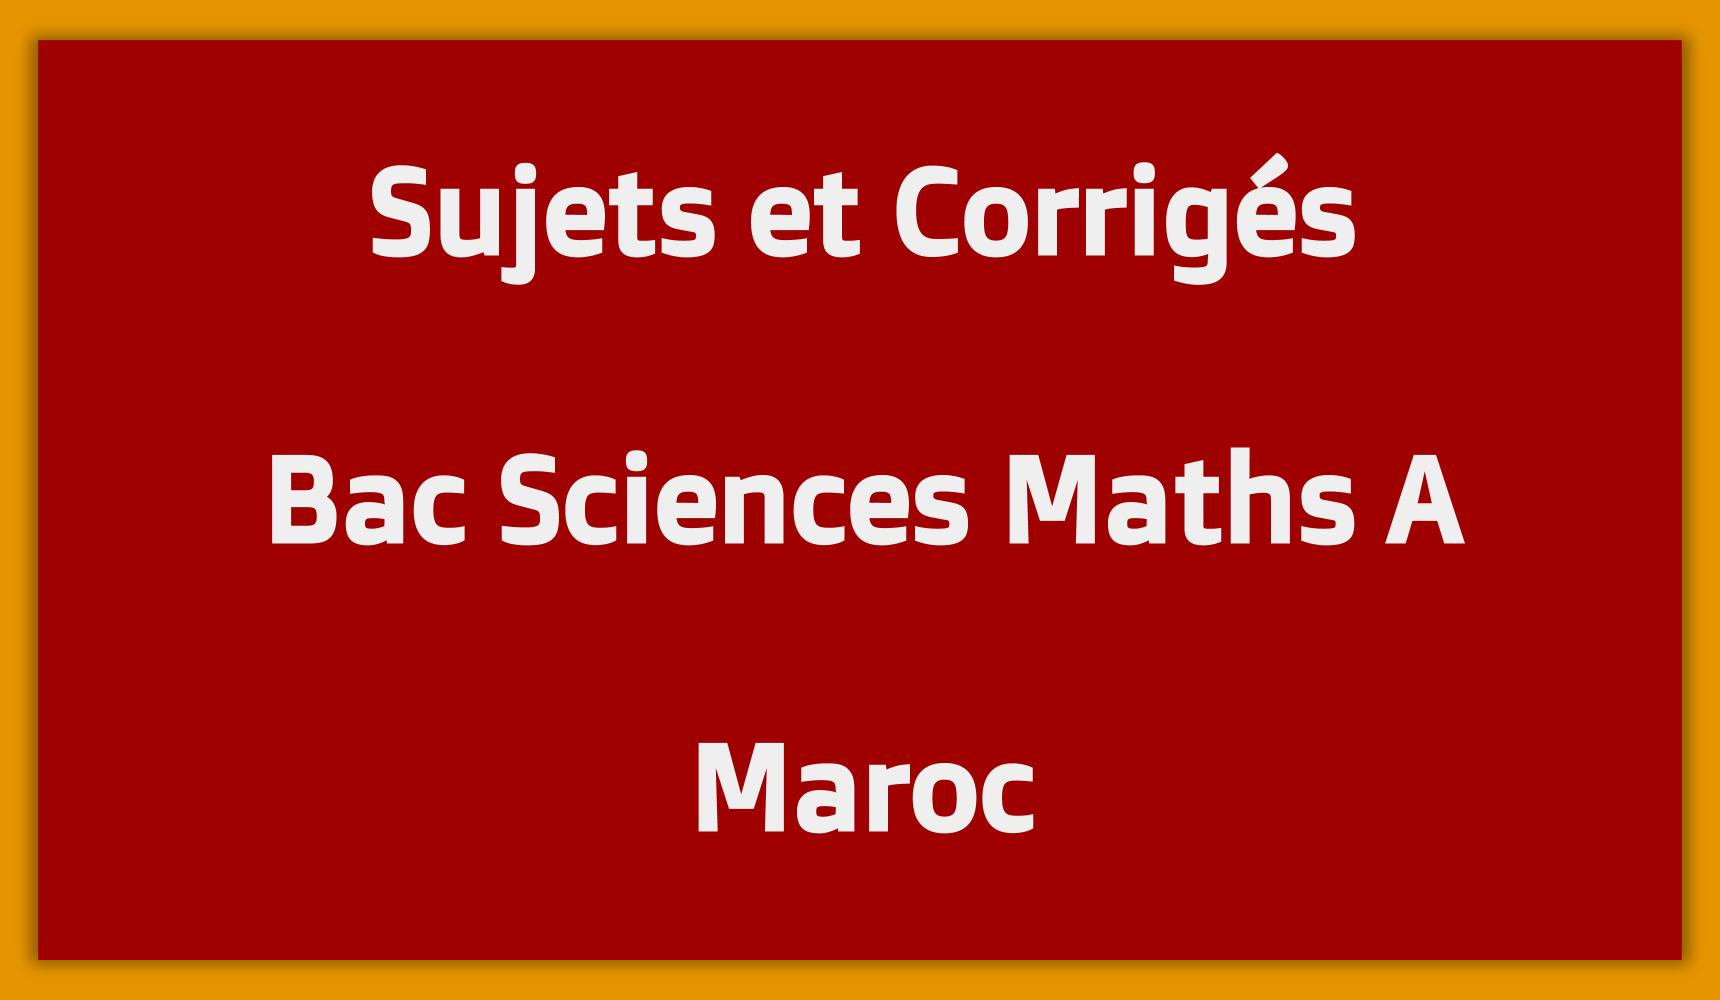 Sujets Corrigés Bac Sciences Maths A Maroc